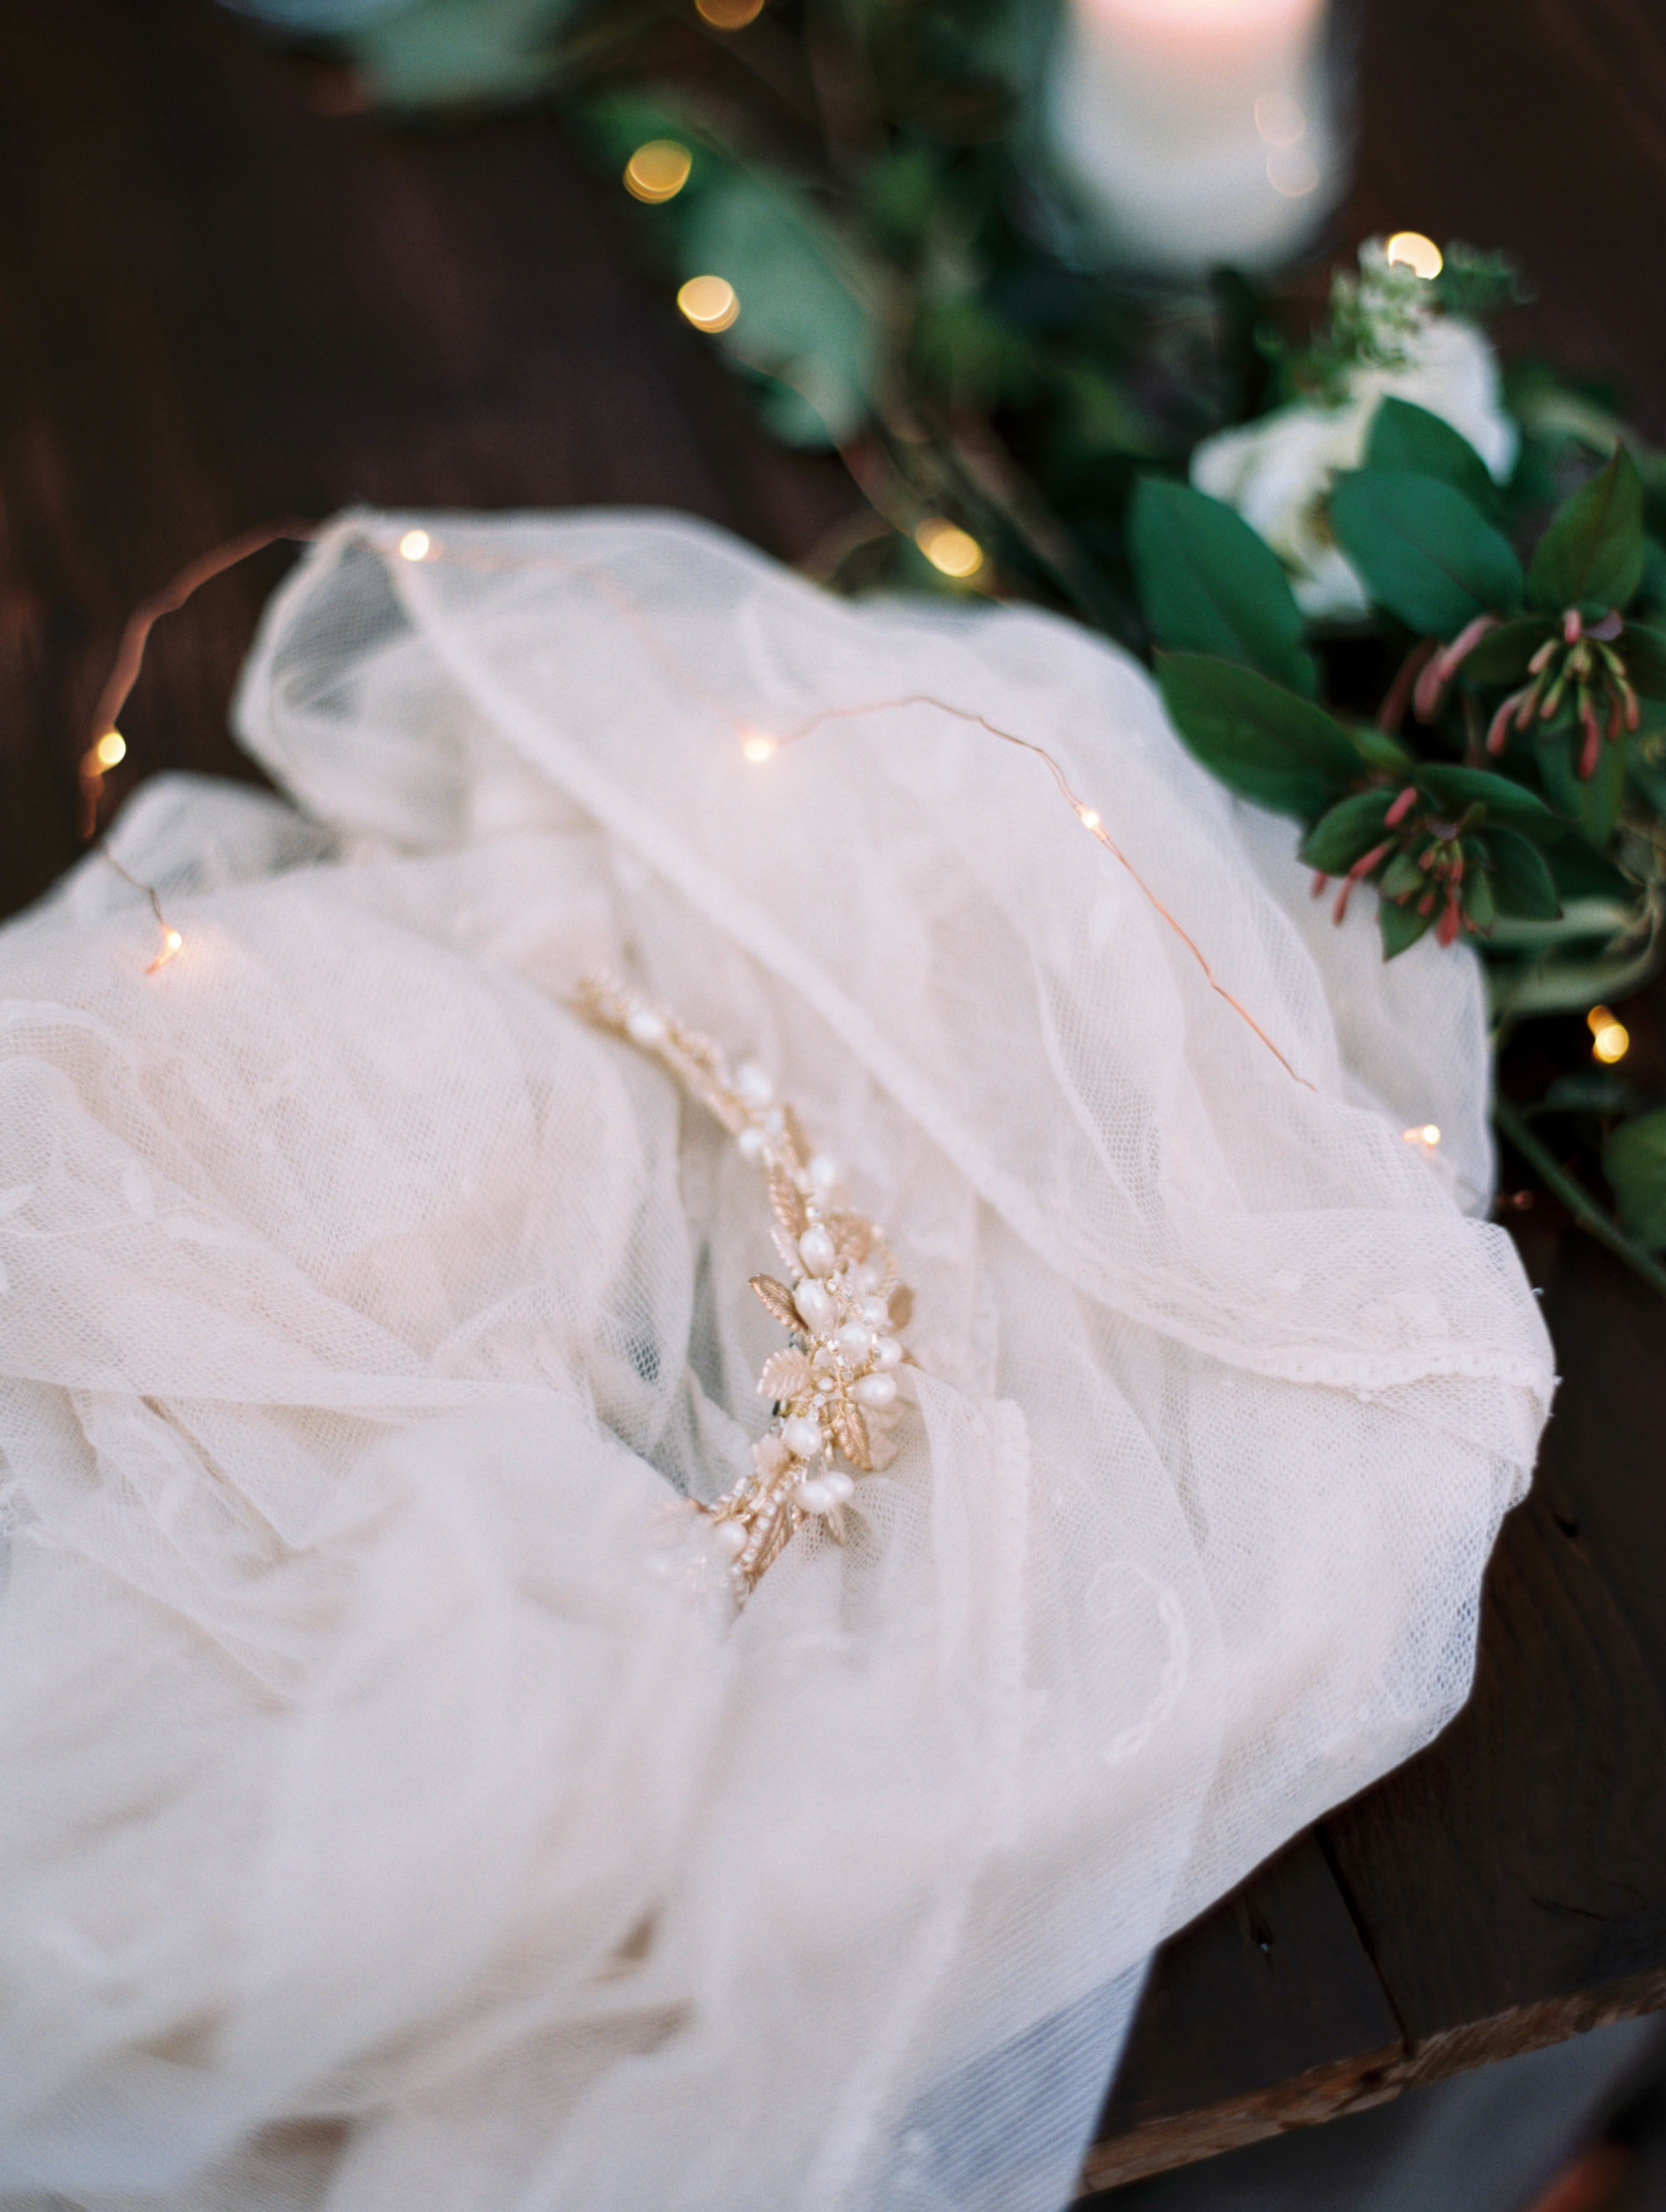 Whitehouse-hahndorf-wedding-photography-107.jpg